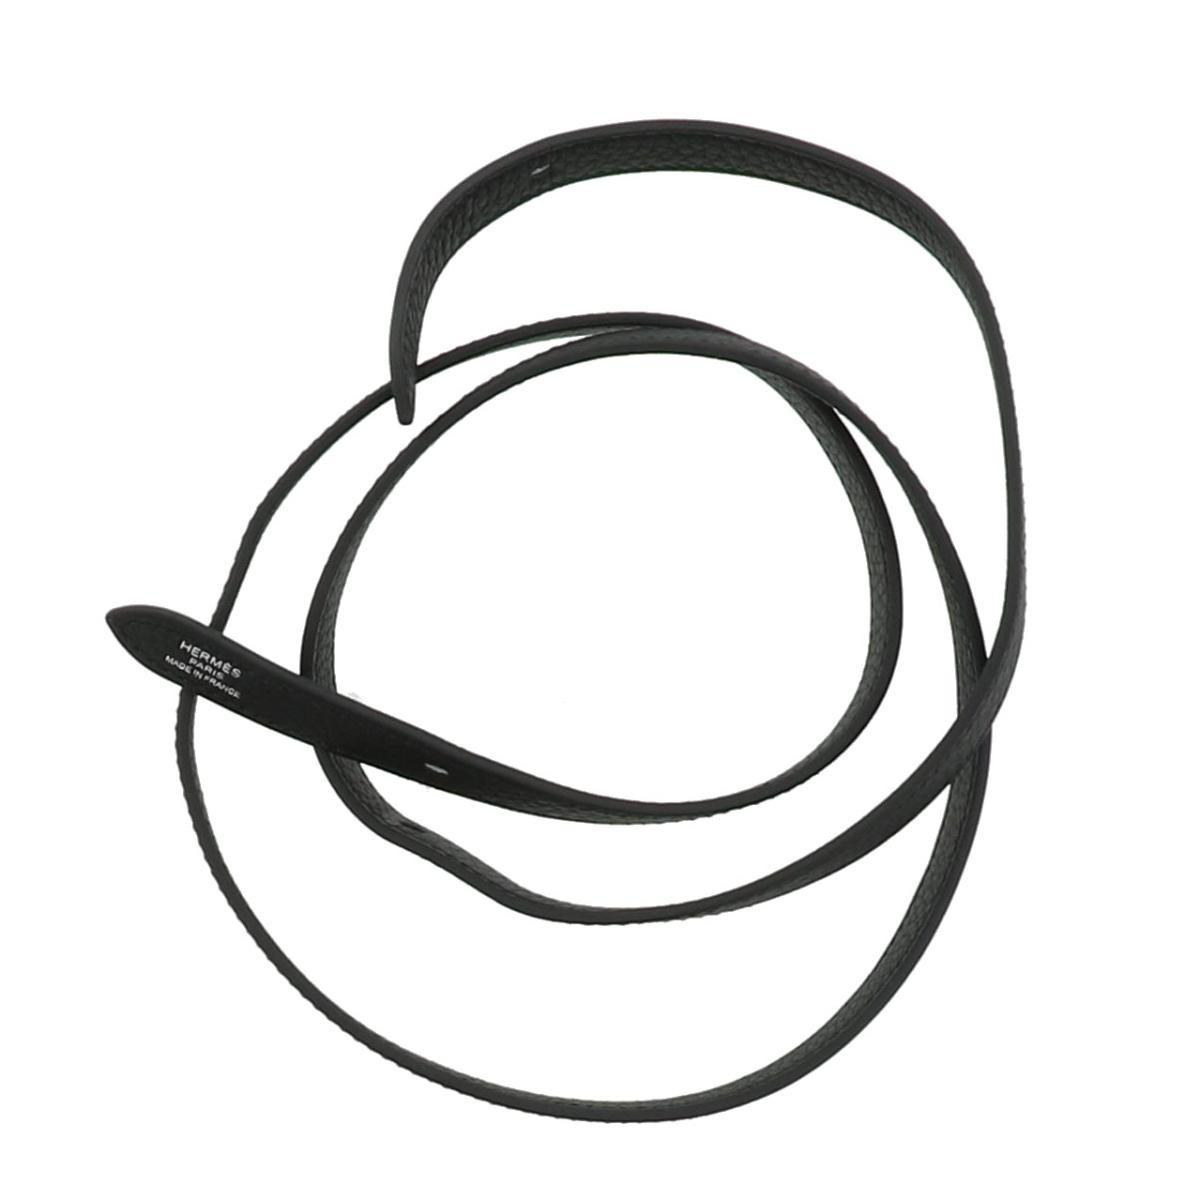 【即日発送・水曜定休日・木曜発送】【極上品】【オススメ】【RI】HERMES エルメス ハンドバッグ ブラック トリヨンクレマンス アルザン31